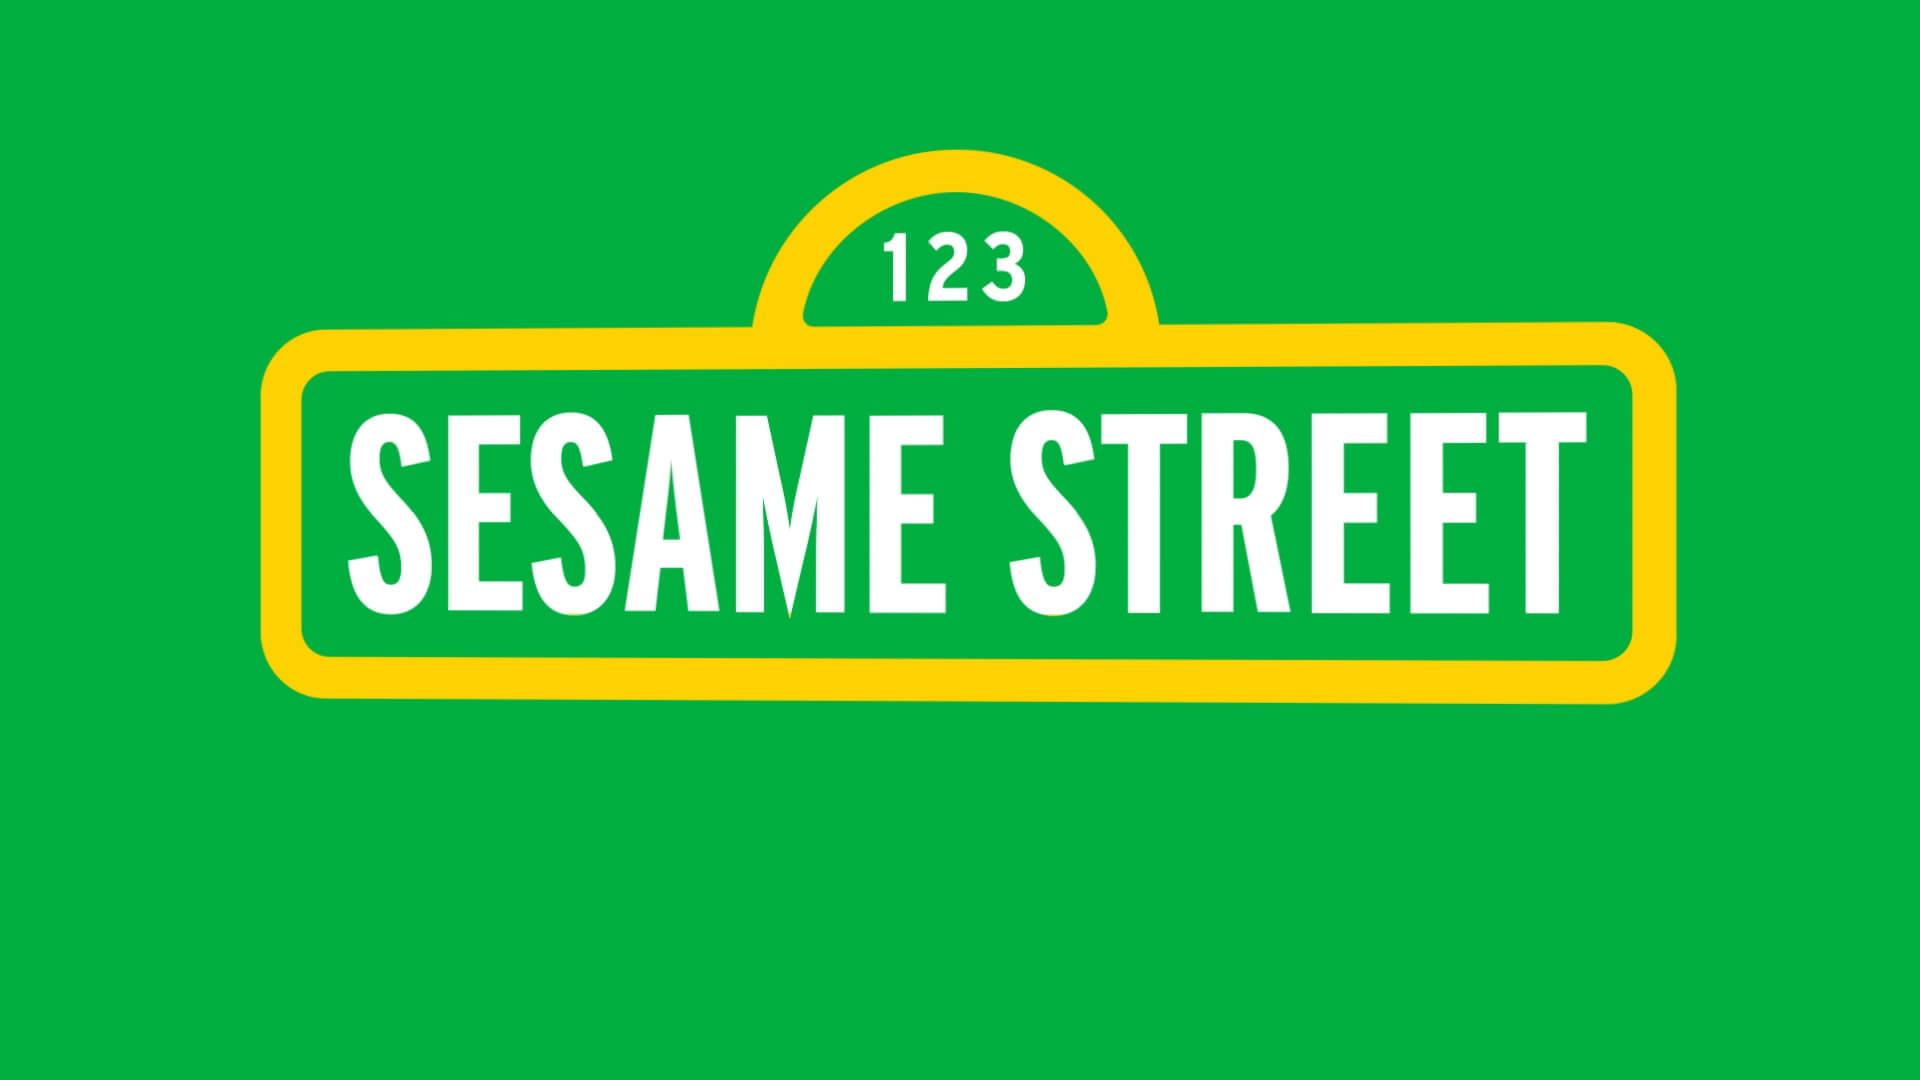 SESAME_BRAND_SCREENGRAB_03_SML.jpg